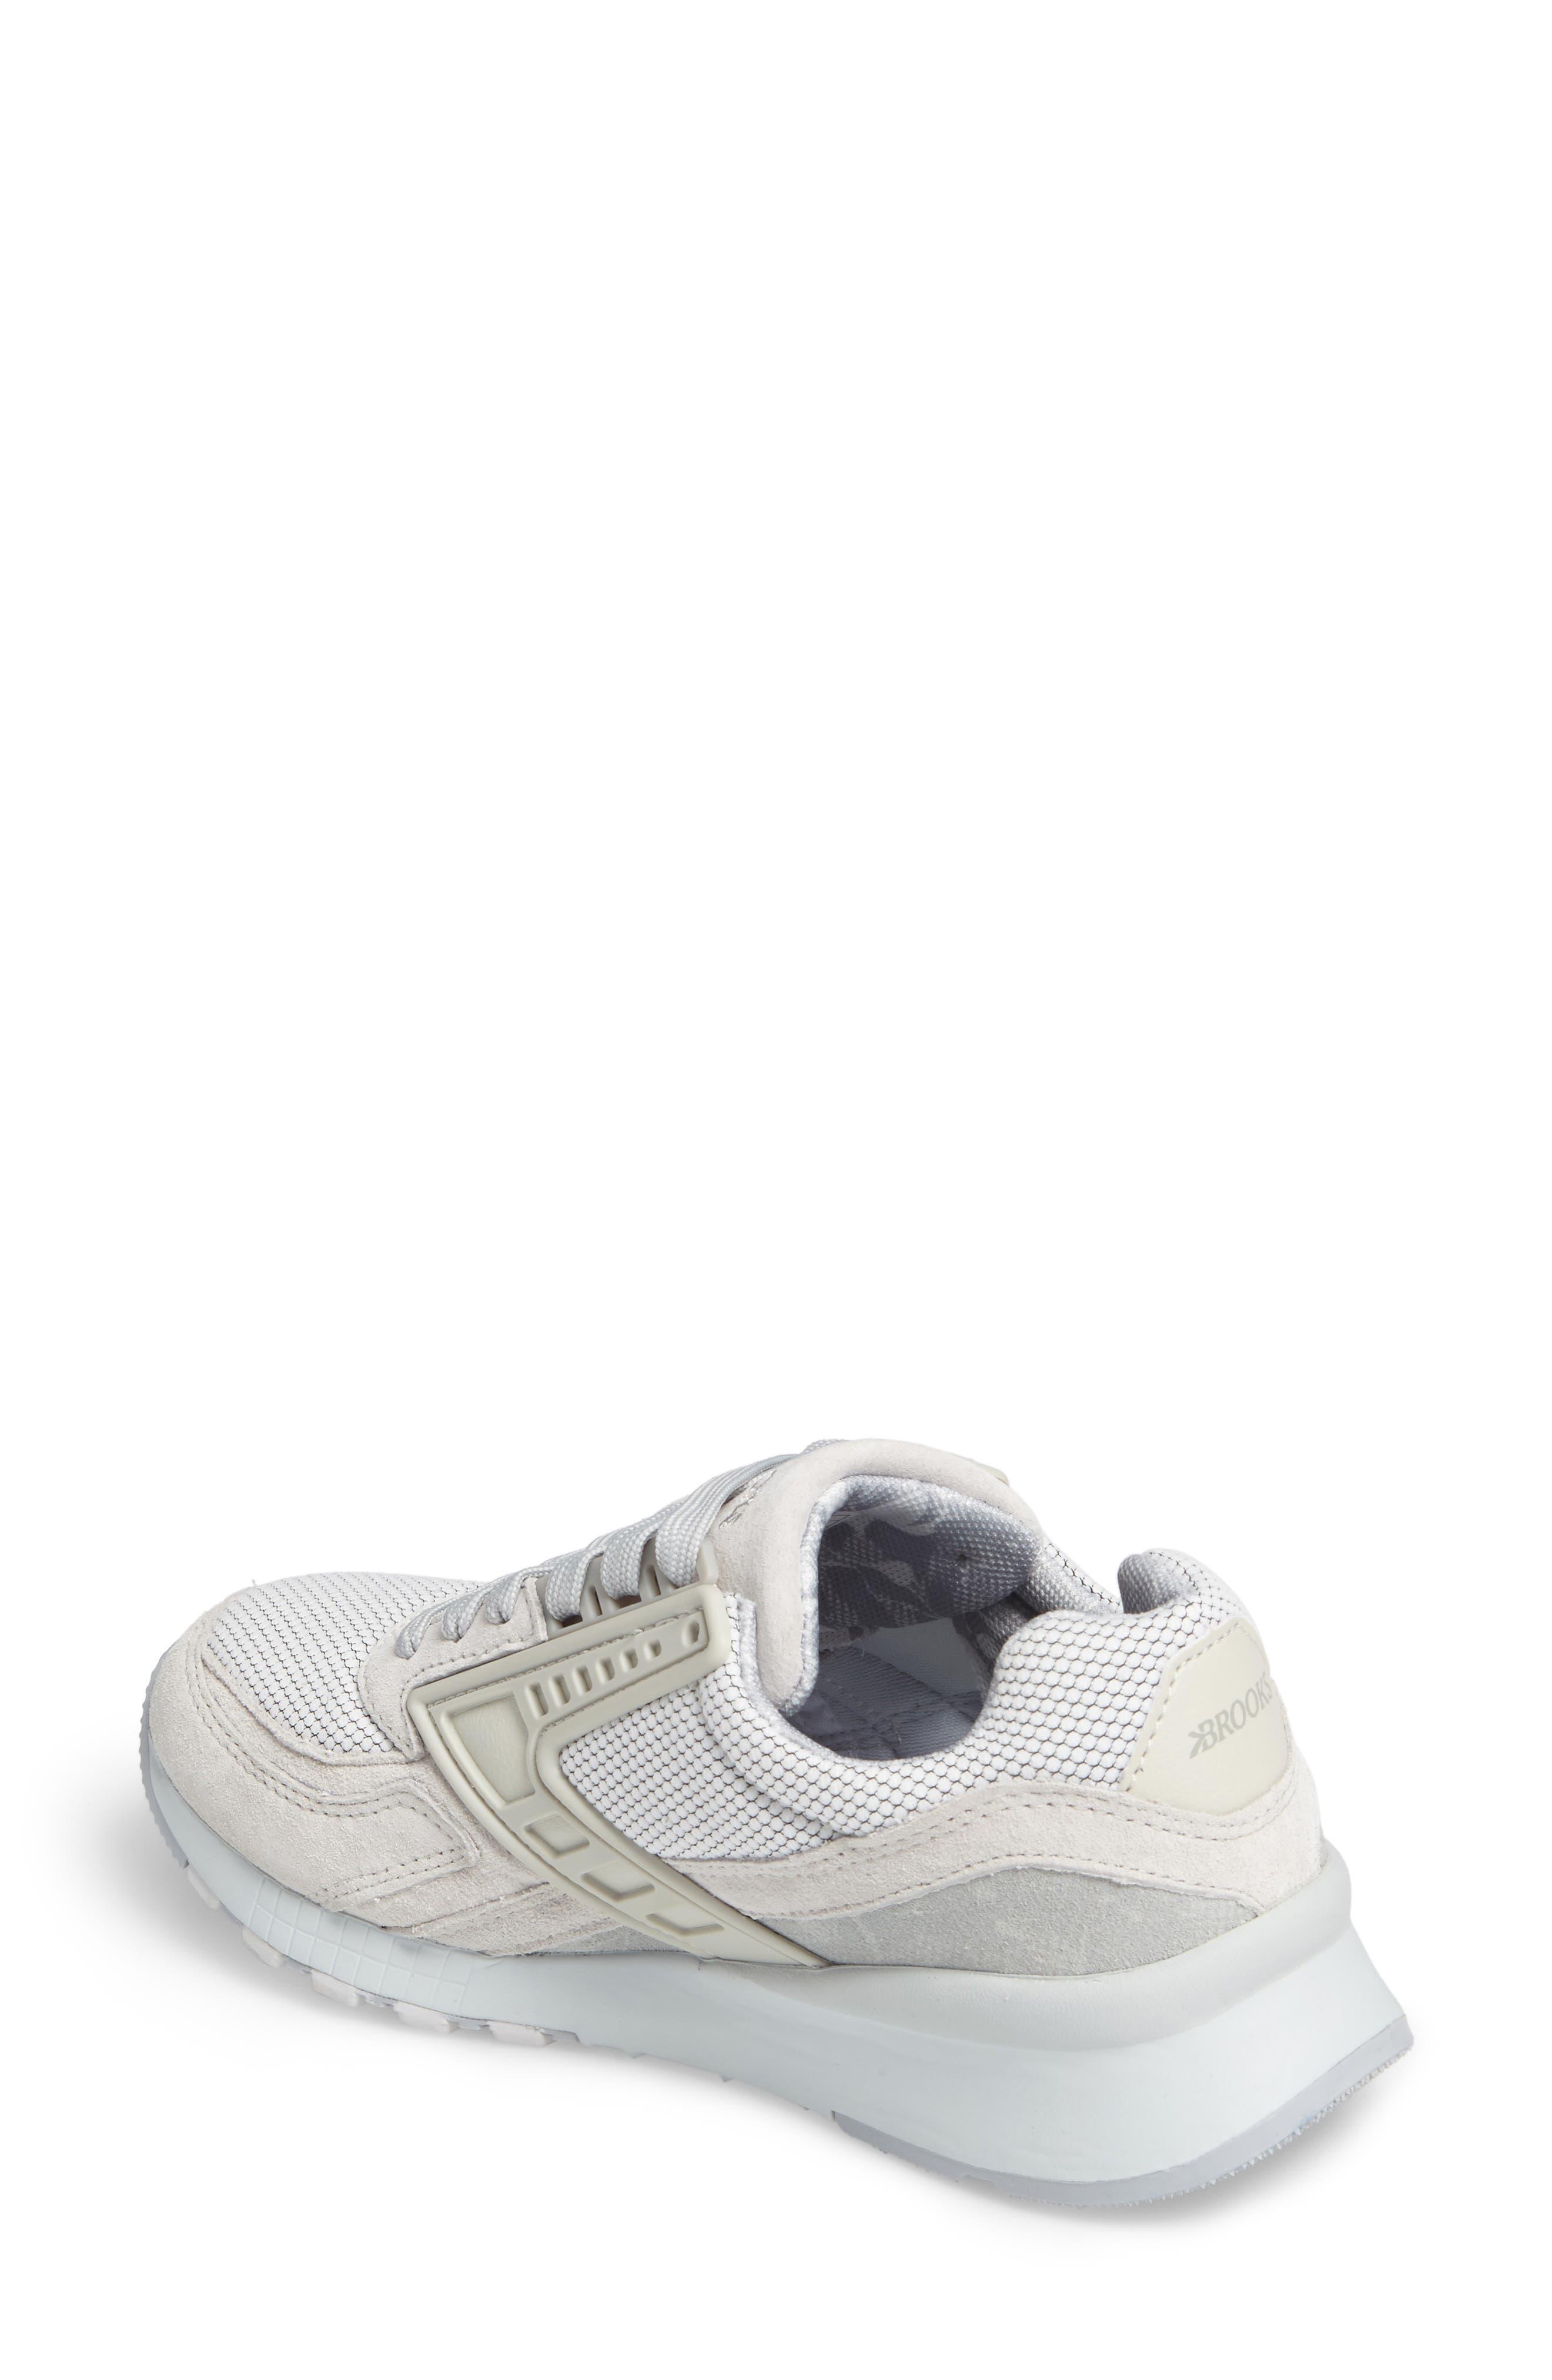 'Evenfall Regent' Sneaker,                             Alternate thumbnail 10, color,